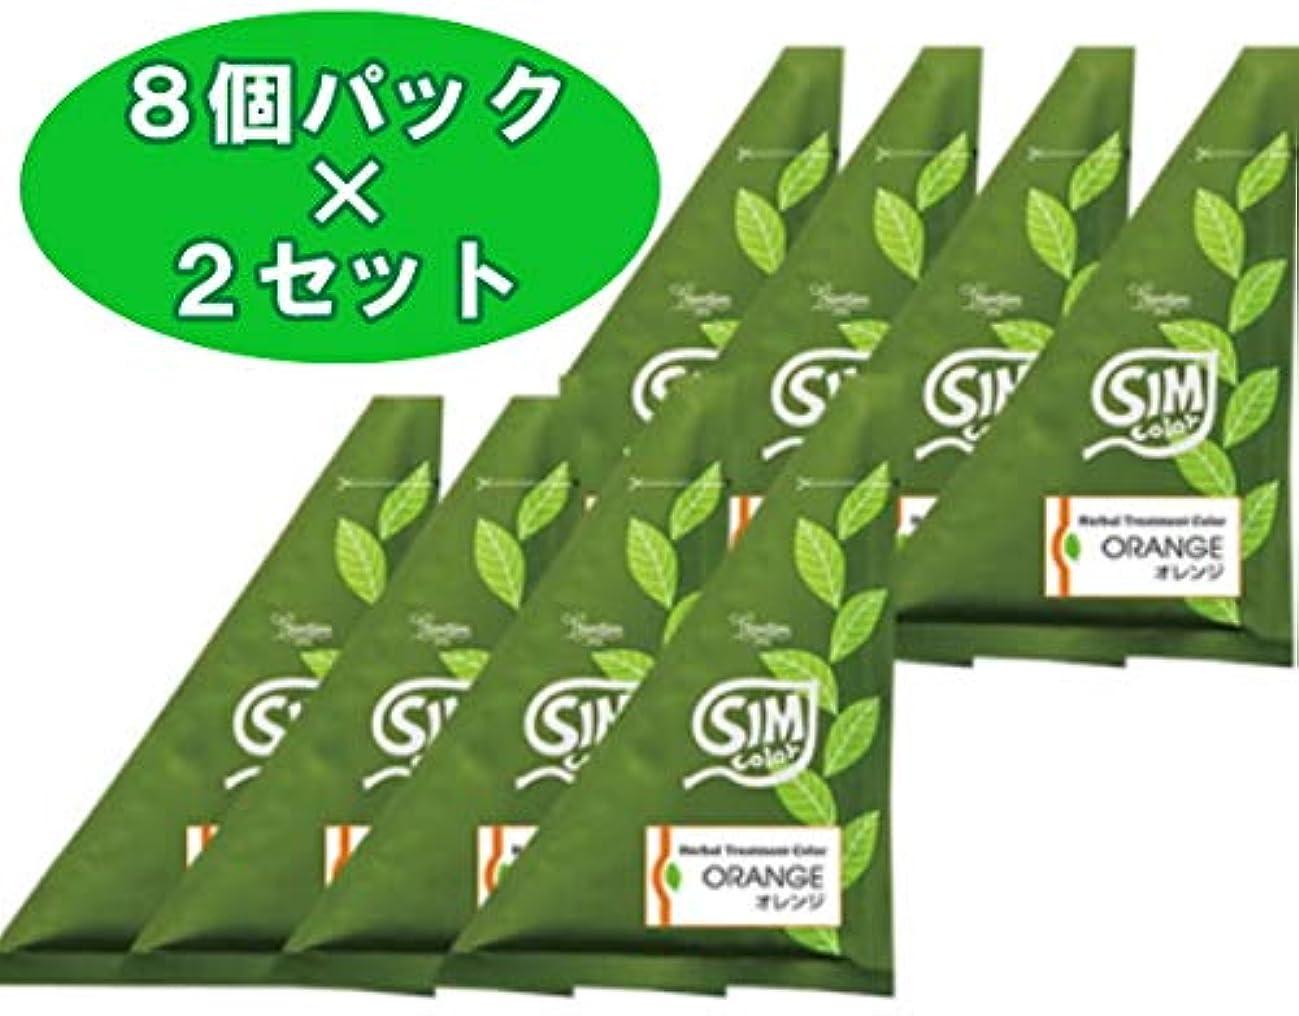 気配りのあるリスト雪【 2セット 】SimSim(シムシム)お手軽簡単シムカラーエクストラ(EX)25g 8袋X2セット (ブラウン)